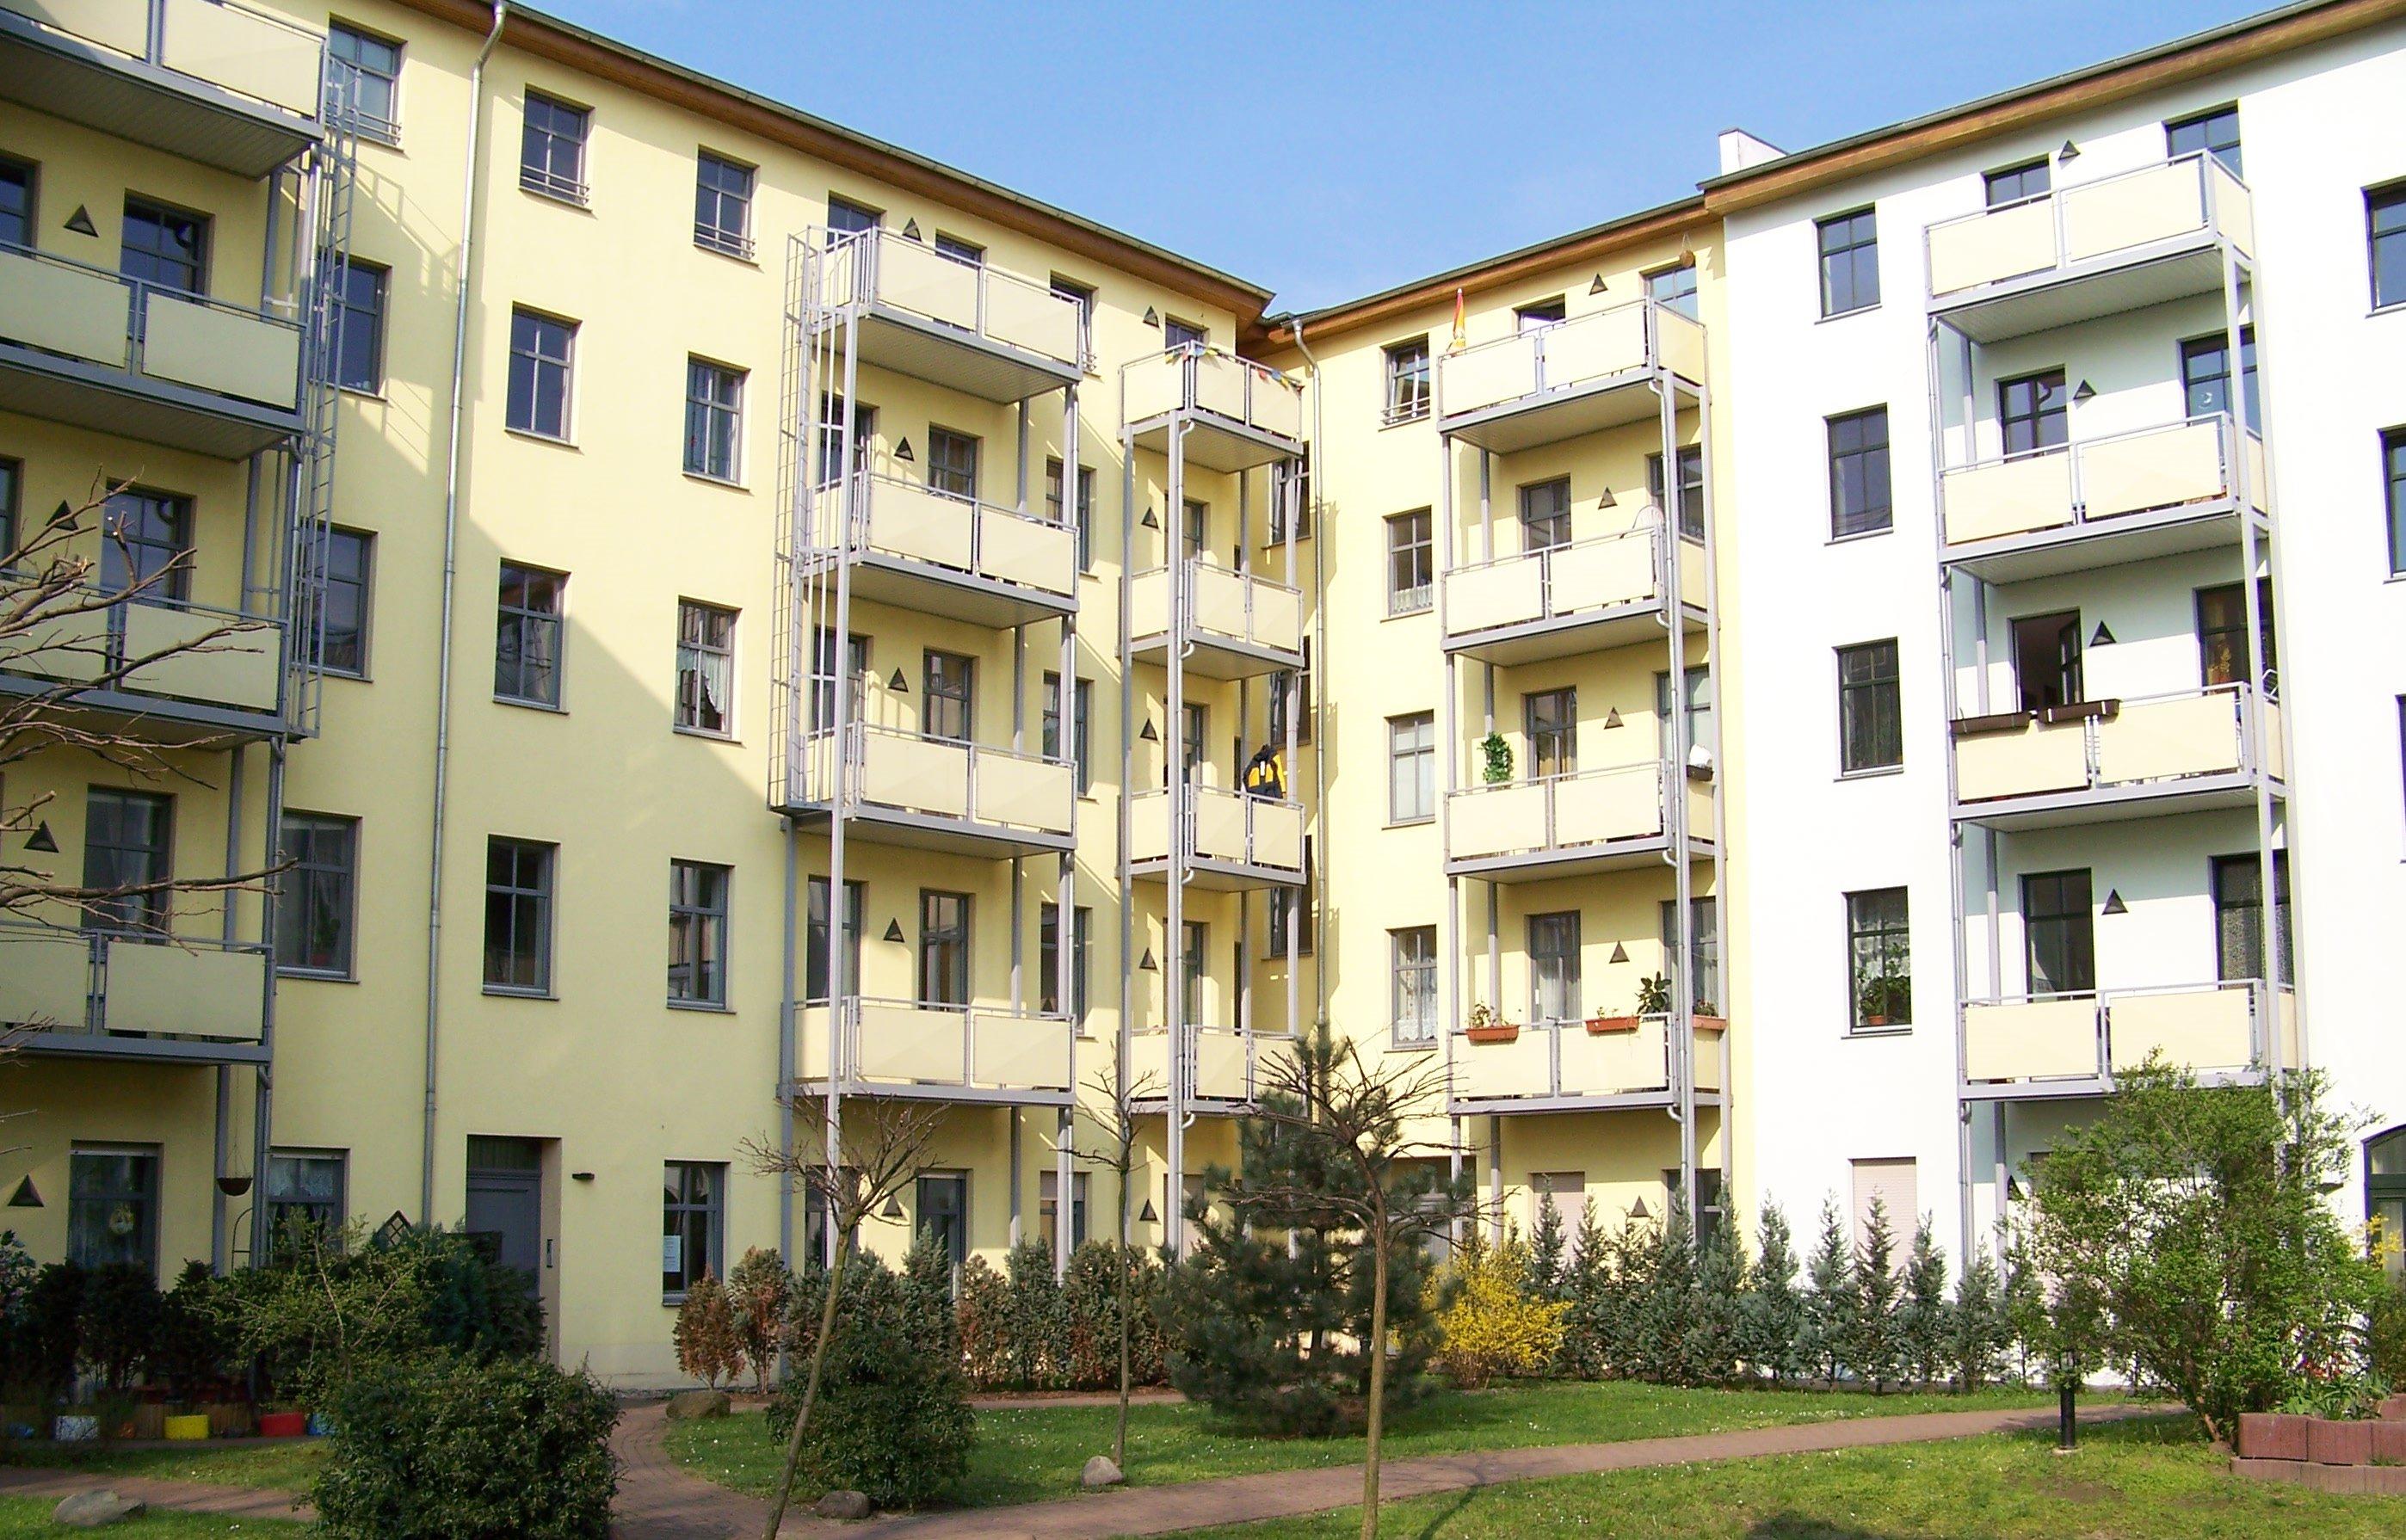 Magdeburg Innenhof